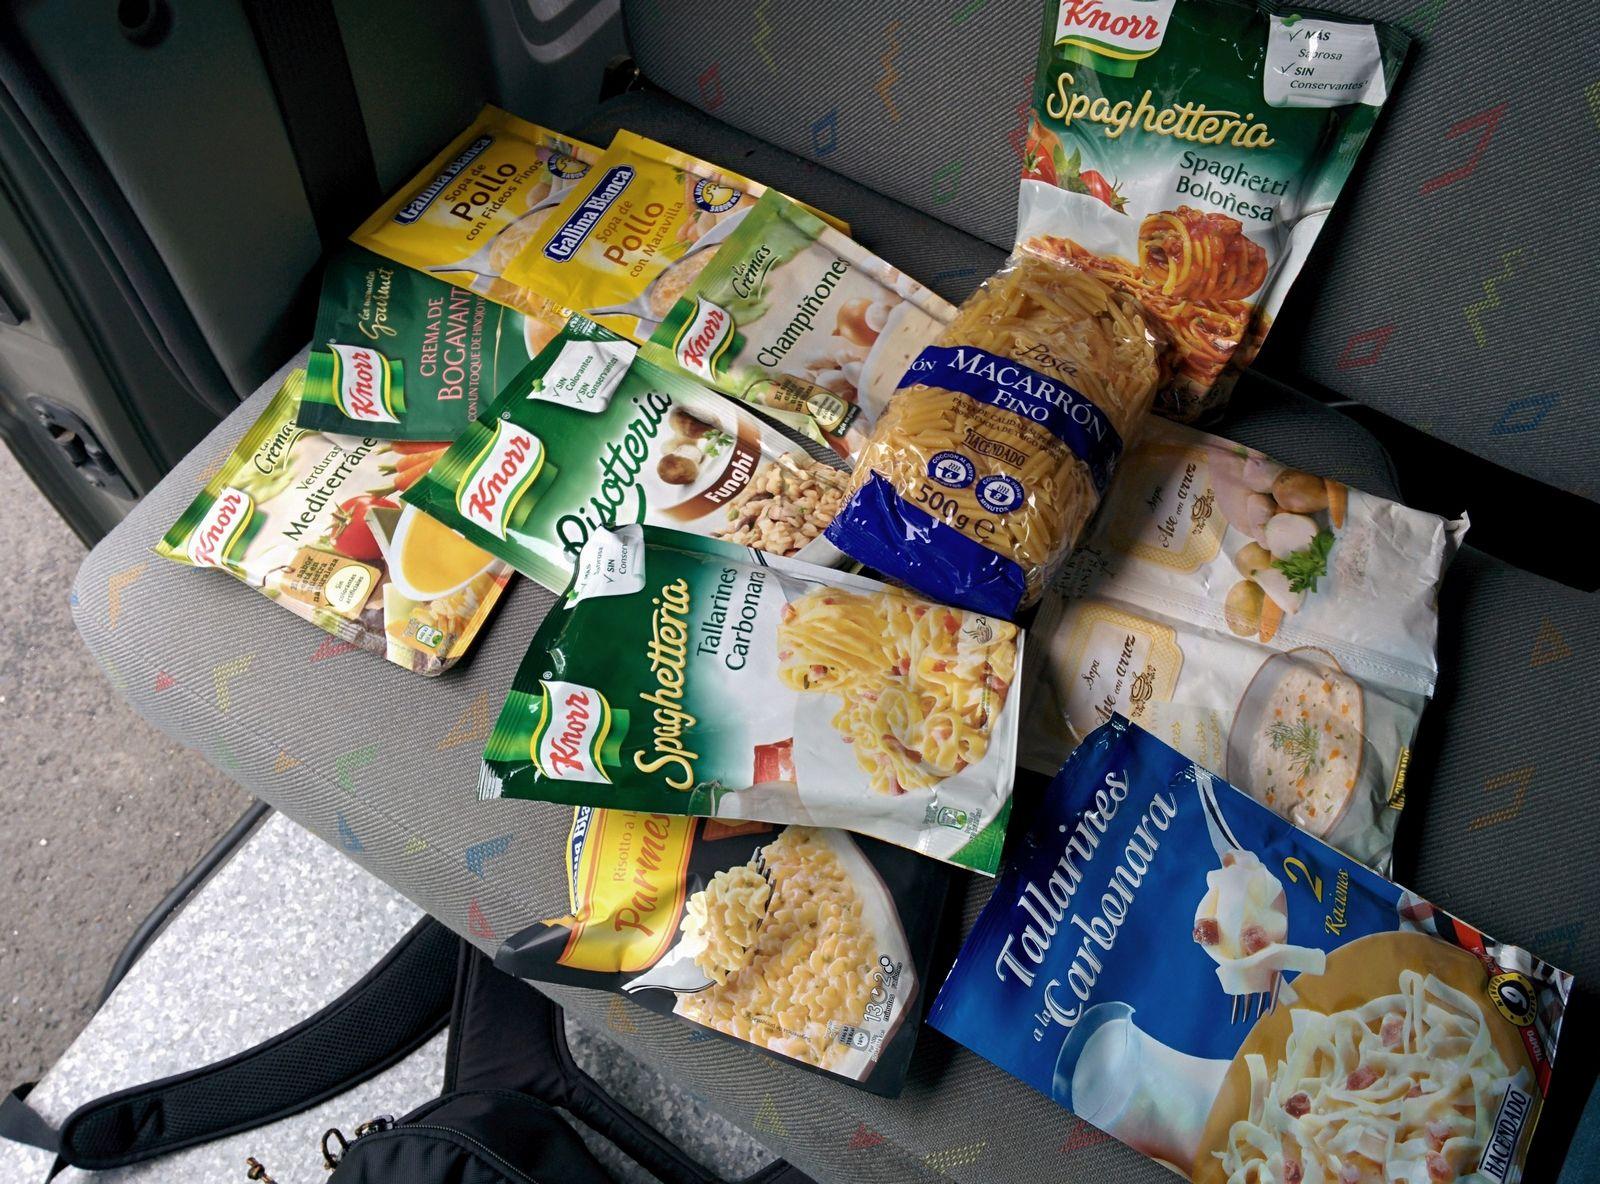 Algunas de las provisiones que llevábamos con nosotros